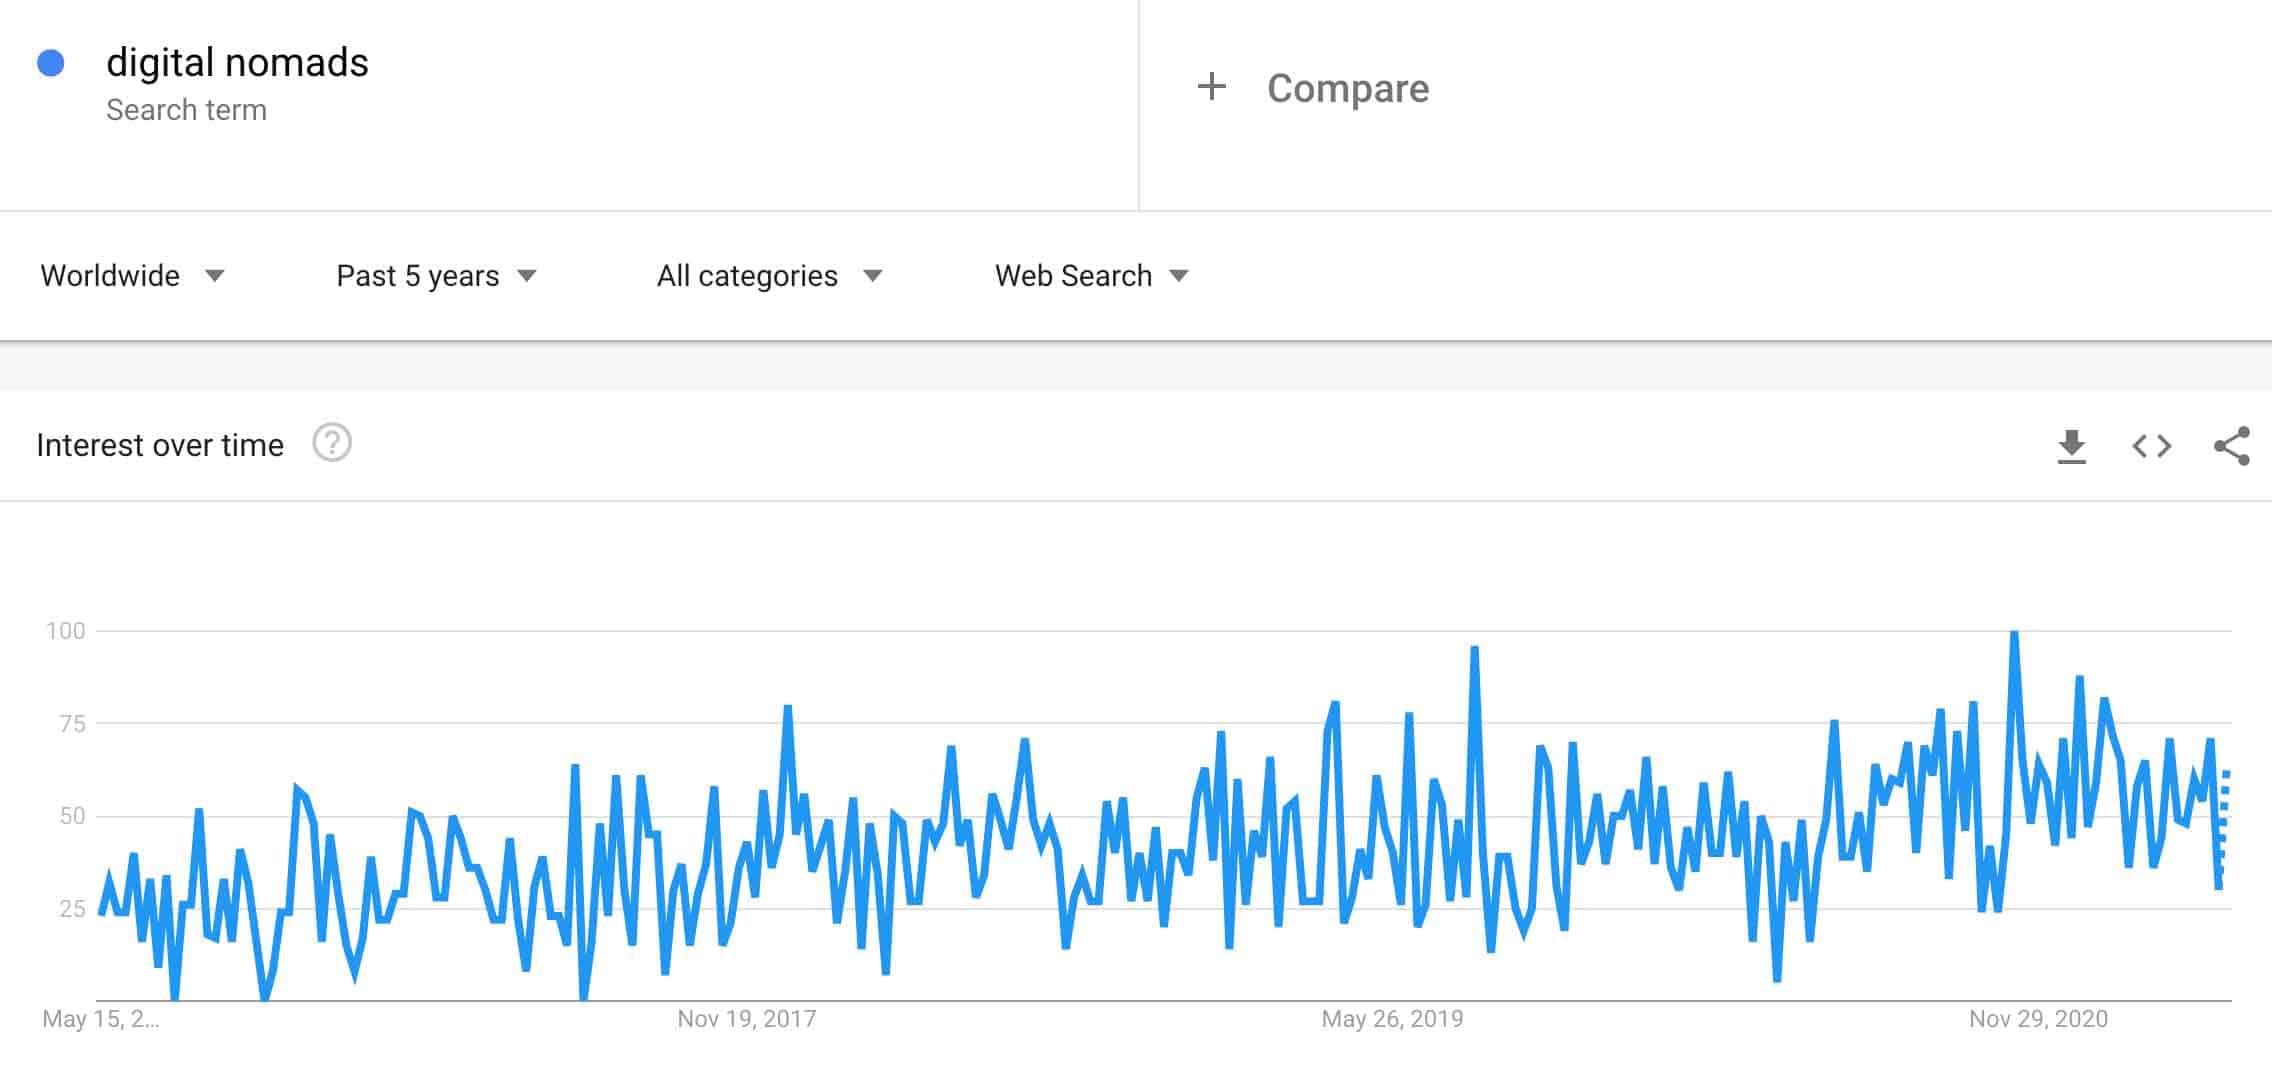 digital nomads trend